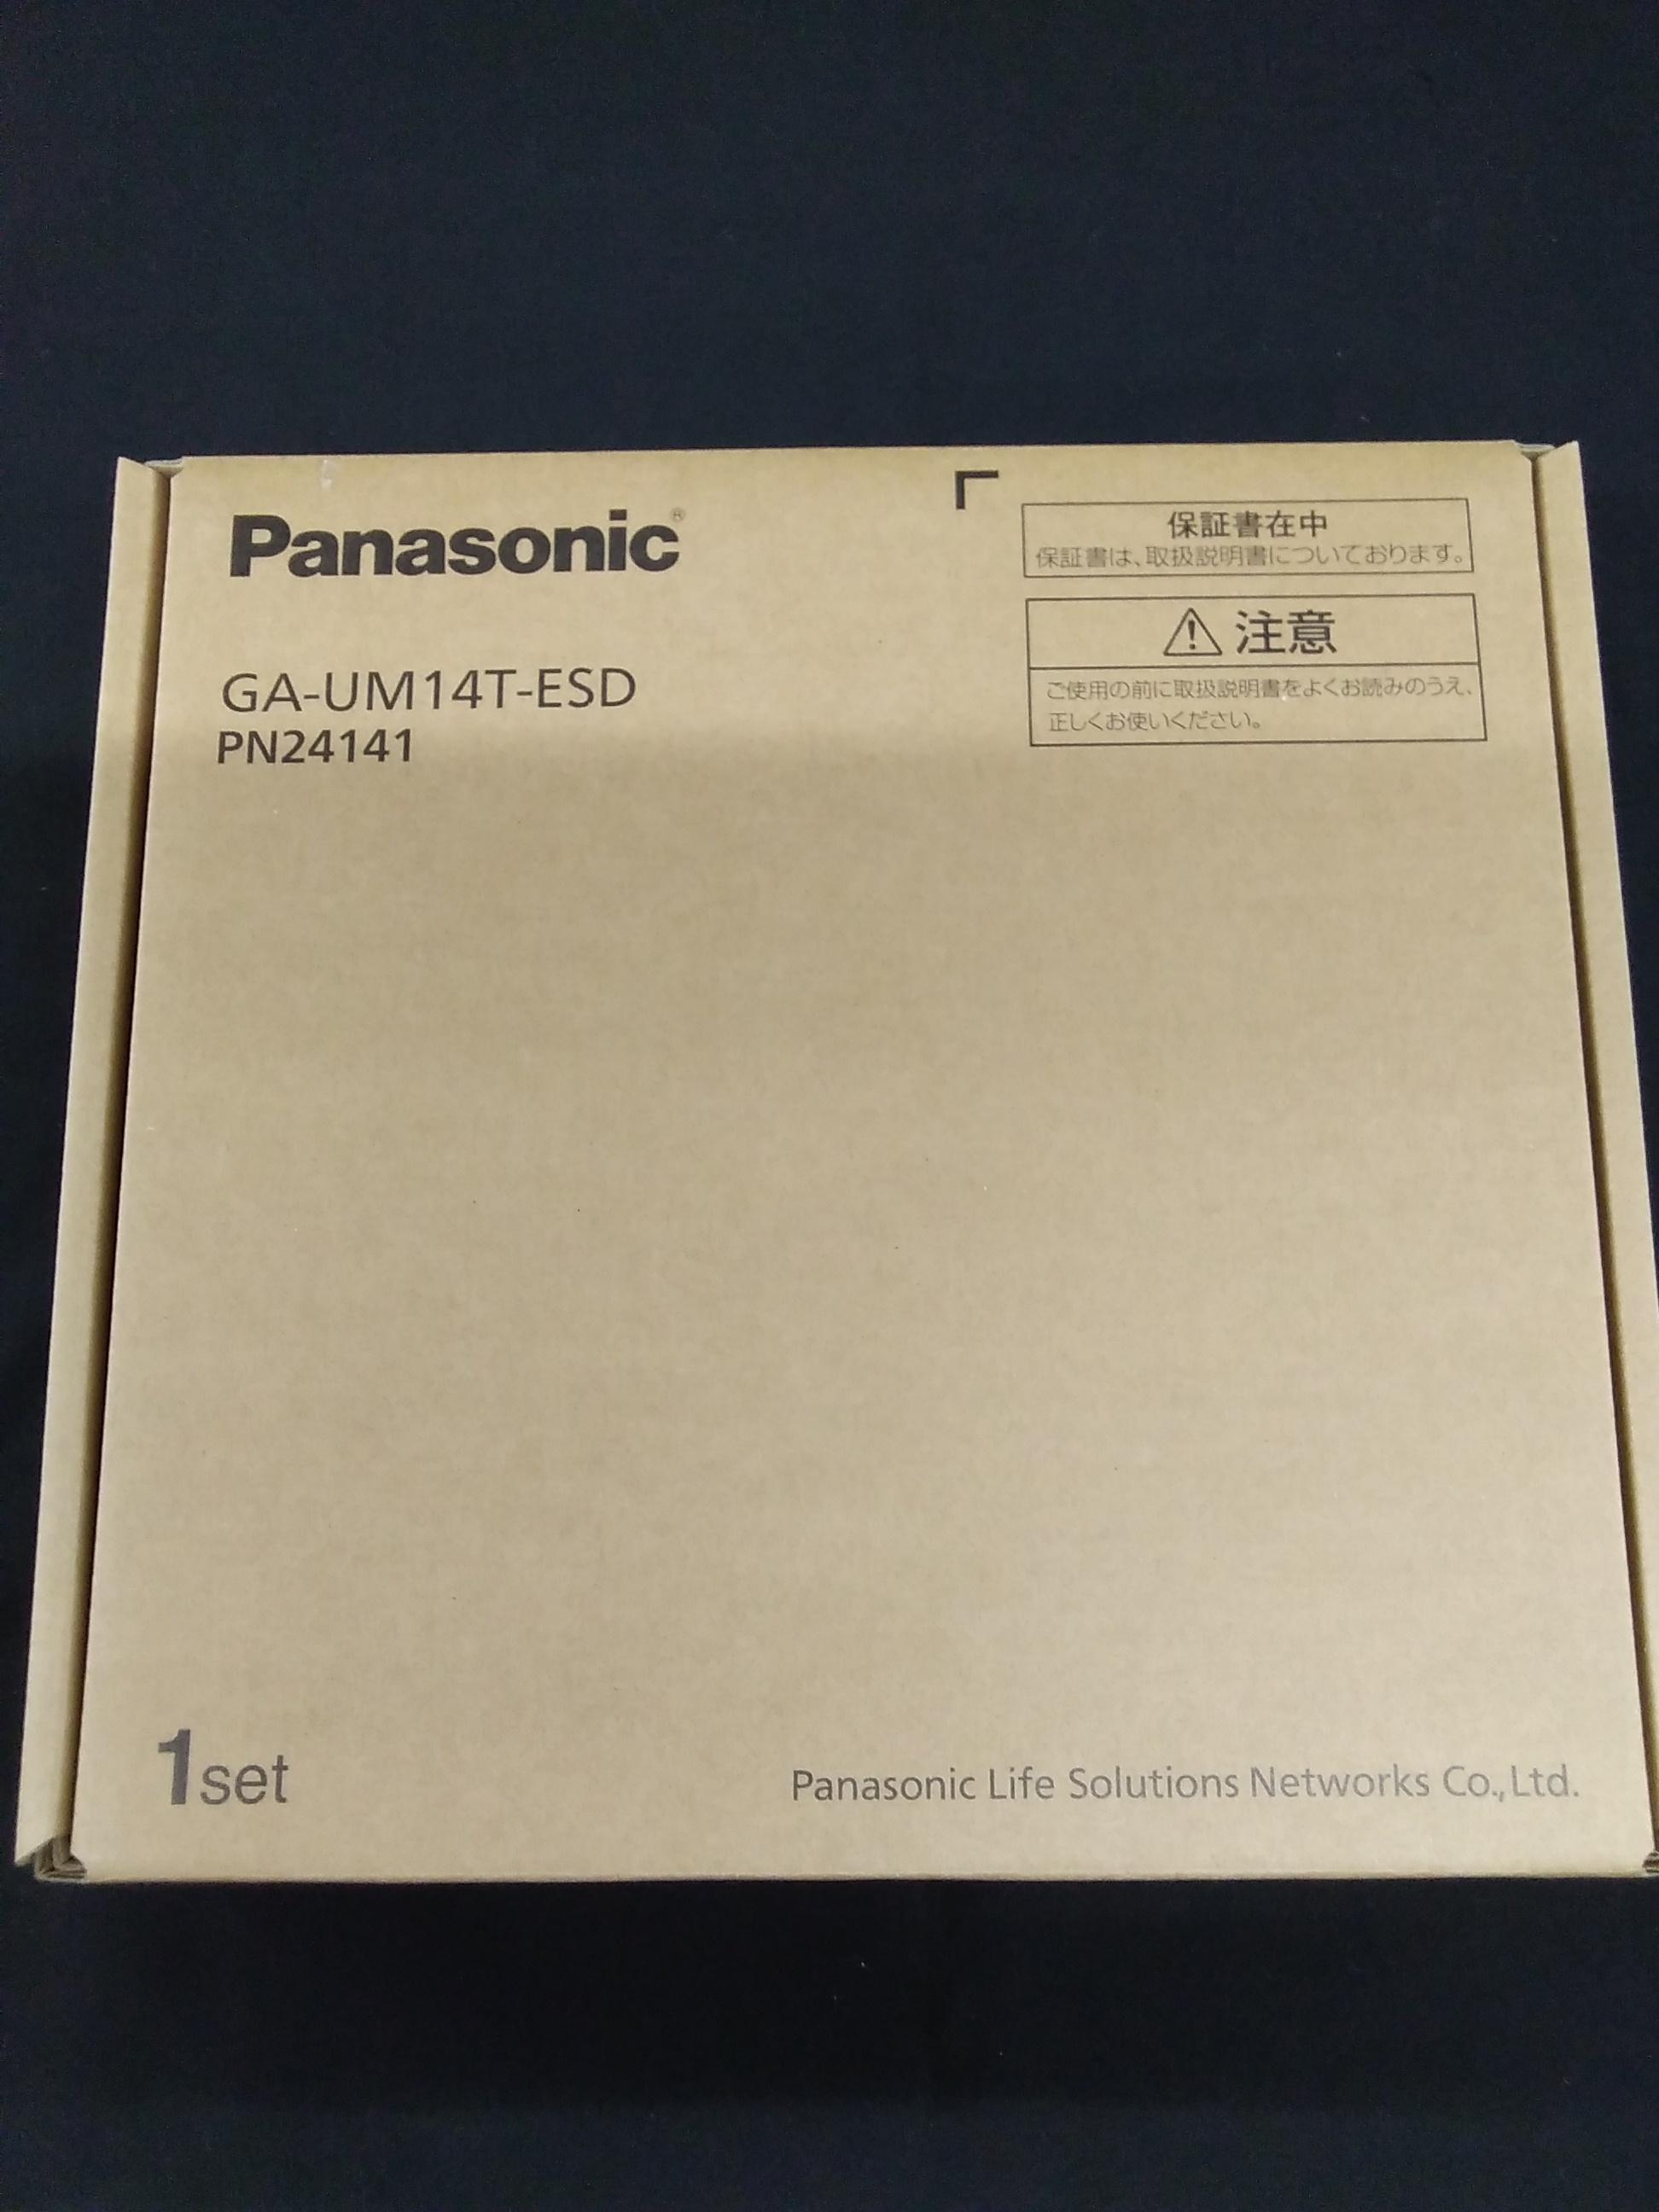 スイッチングハブ|PANASONIC